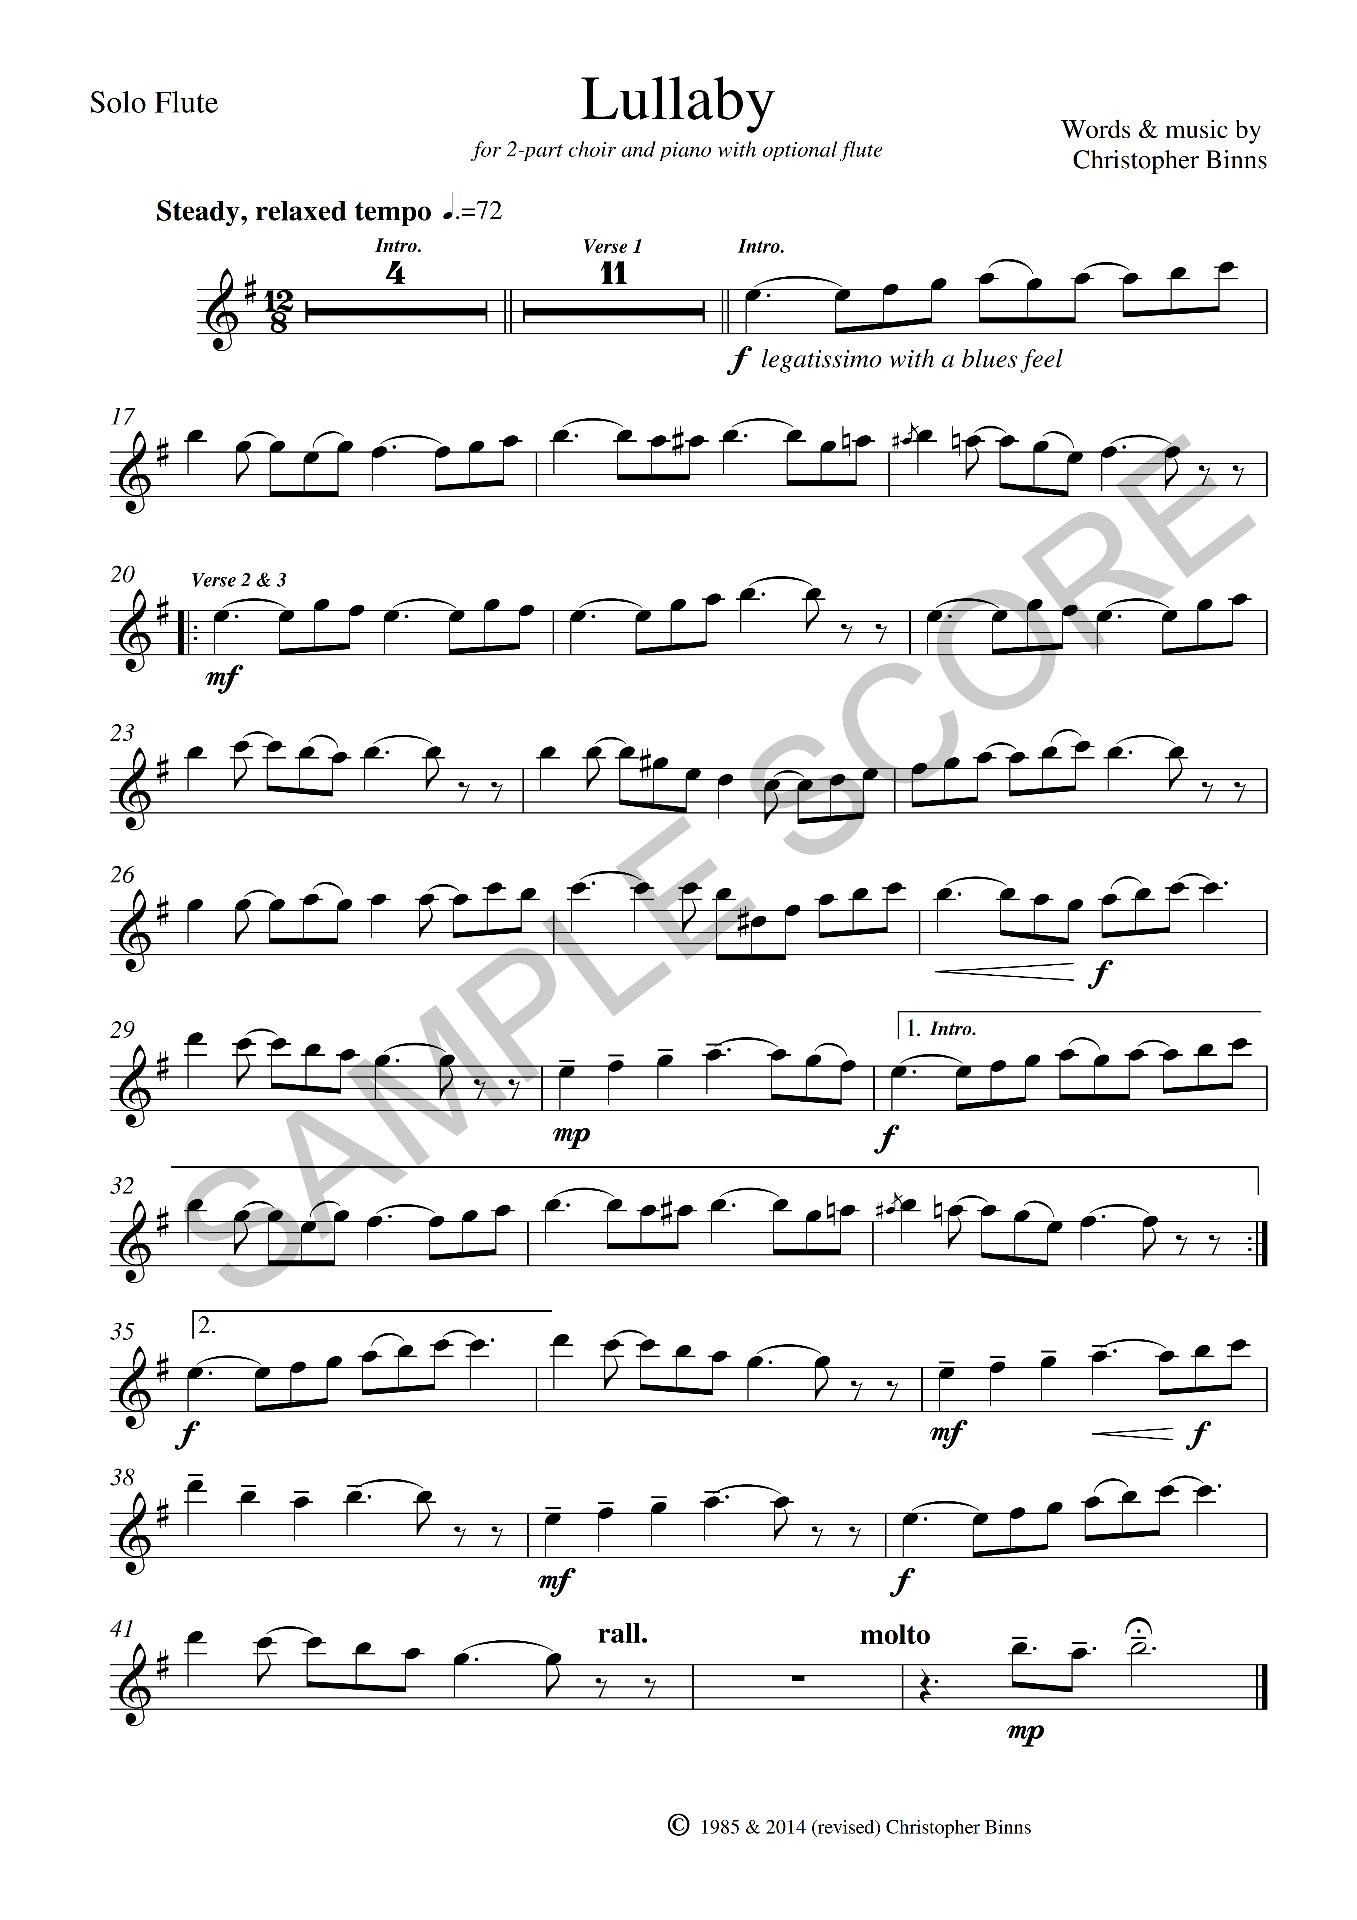 Example Solo Flute Score